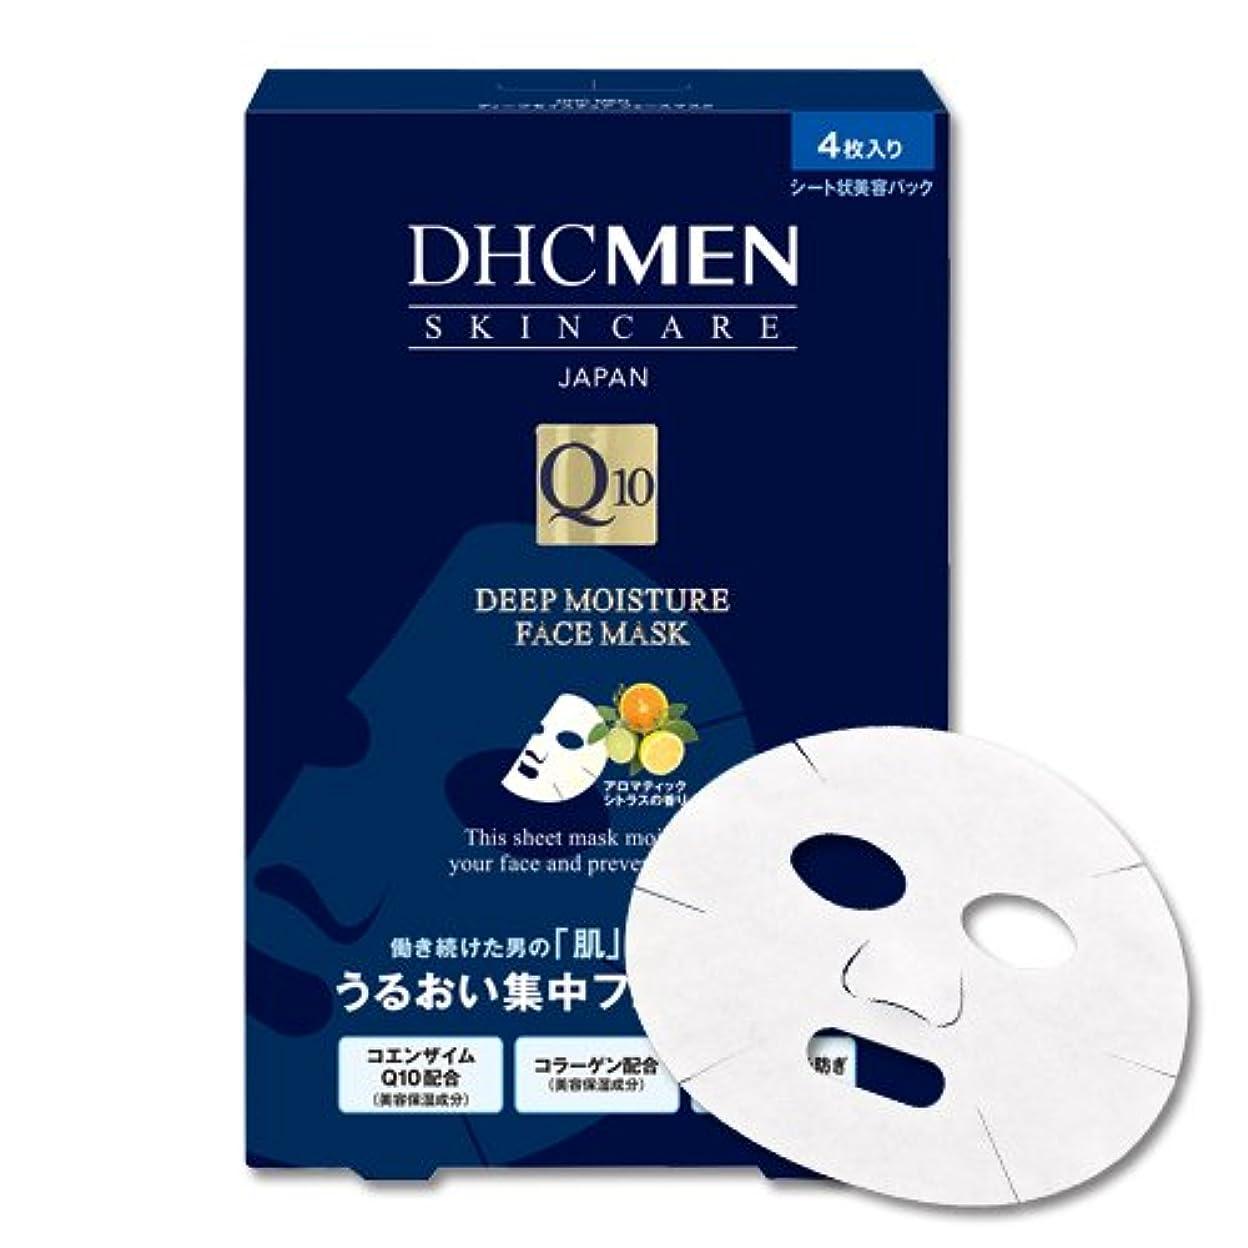 追跡ピル寄生虫DHC MEN ディープモイスチュア フェースマスク